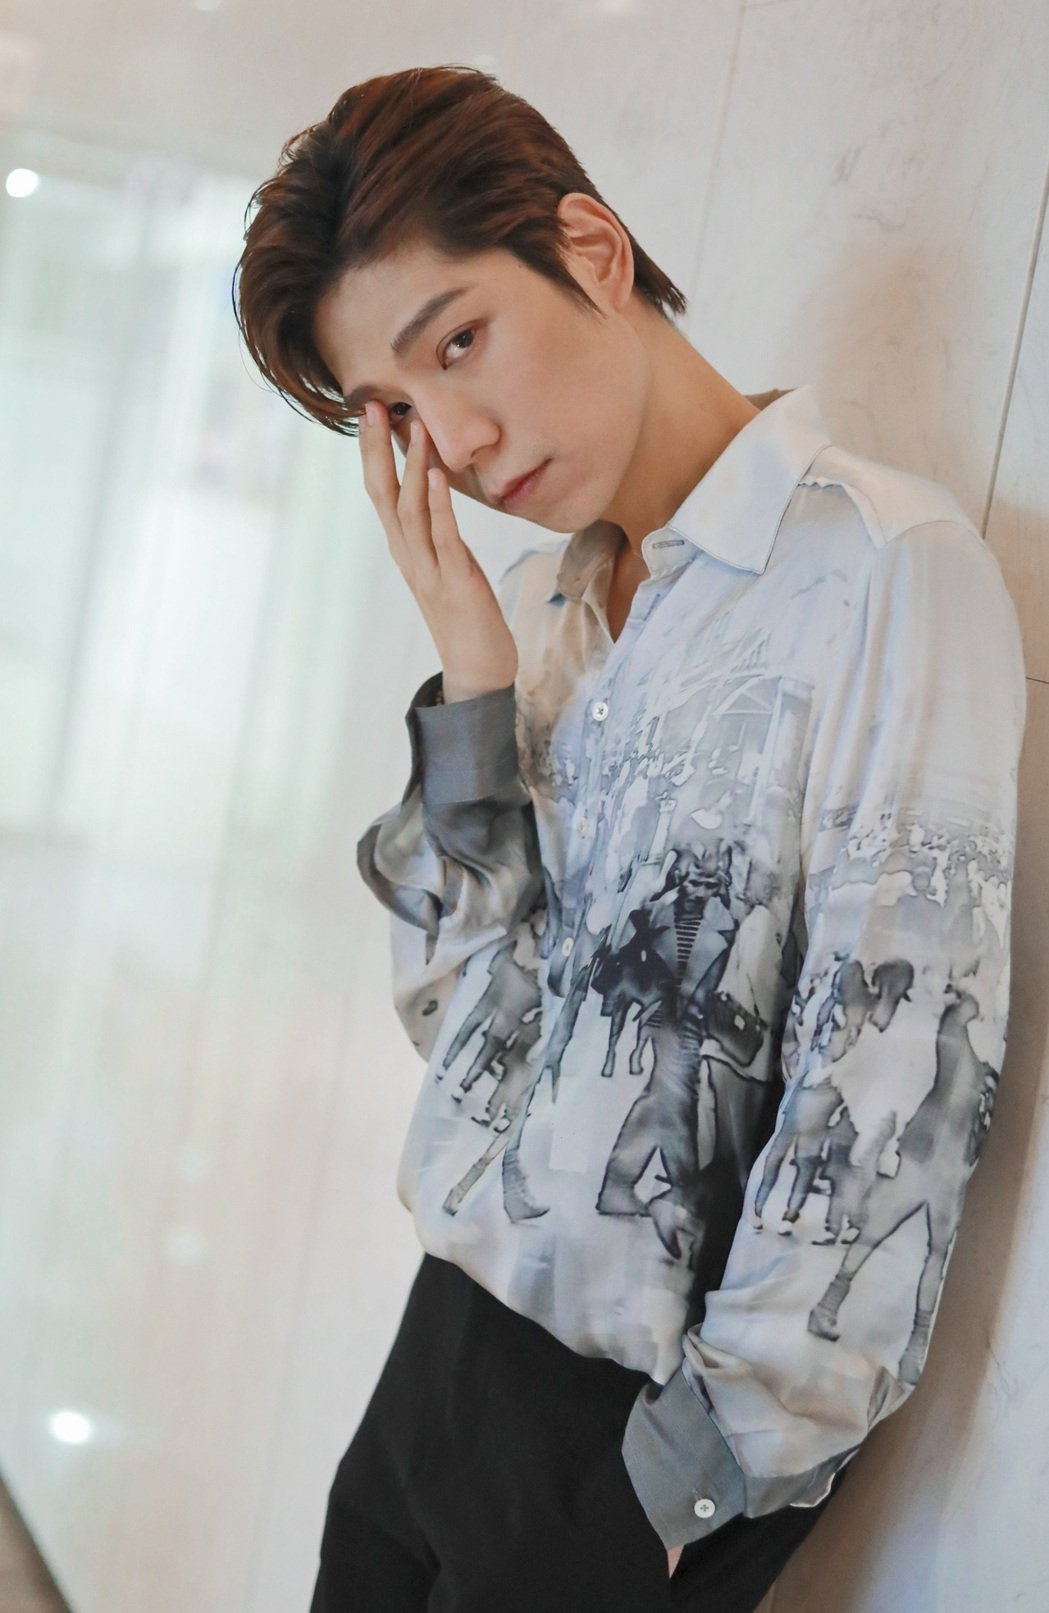 星光1班歌手潘裕文即將於4月23日舉行「讚聲30」演唱會。圖/寬宏藝術提供